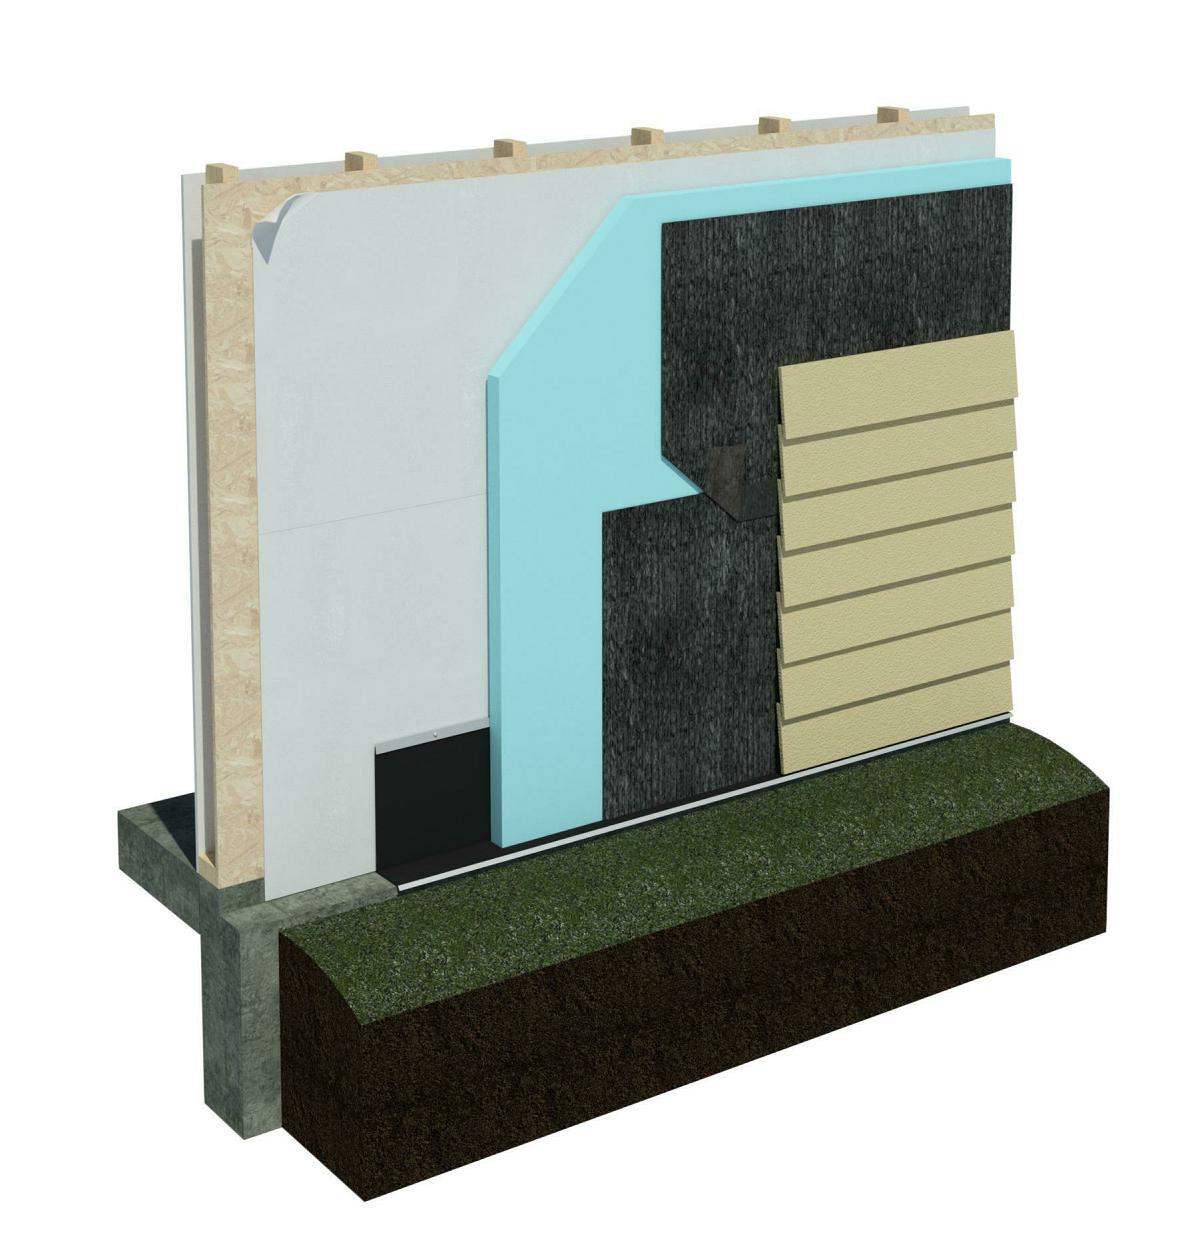 Techo de madera DriPlane con revestimiento de cemento